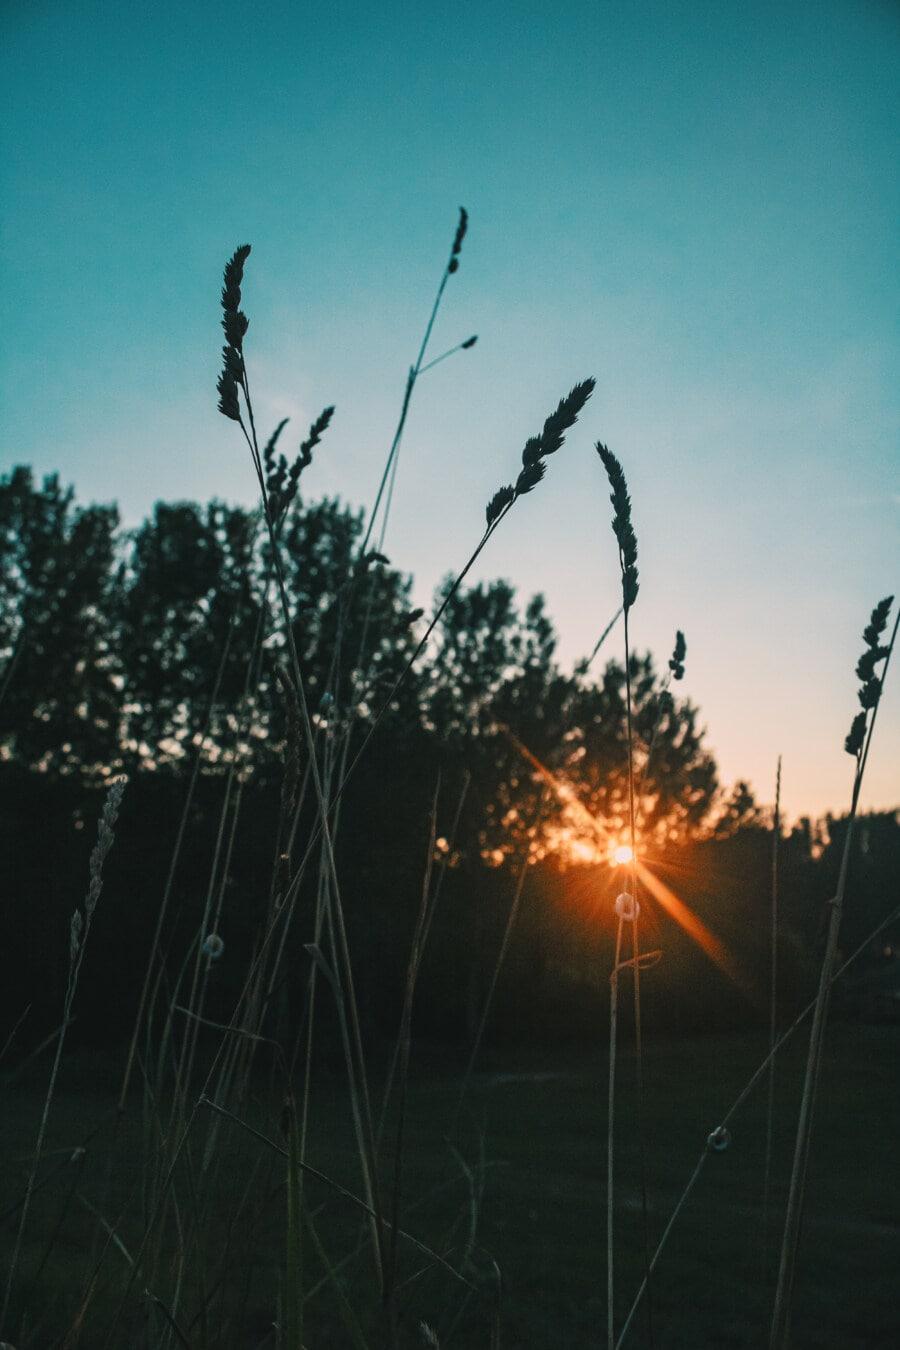 Sonnenstrahlen, Sonnenlicht, Sonne, Natur, Dämmerung, Gras, Landschaft, Sommer, Schönwetter, Sonnenuntergang